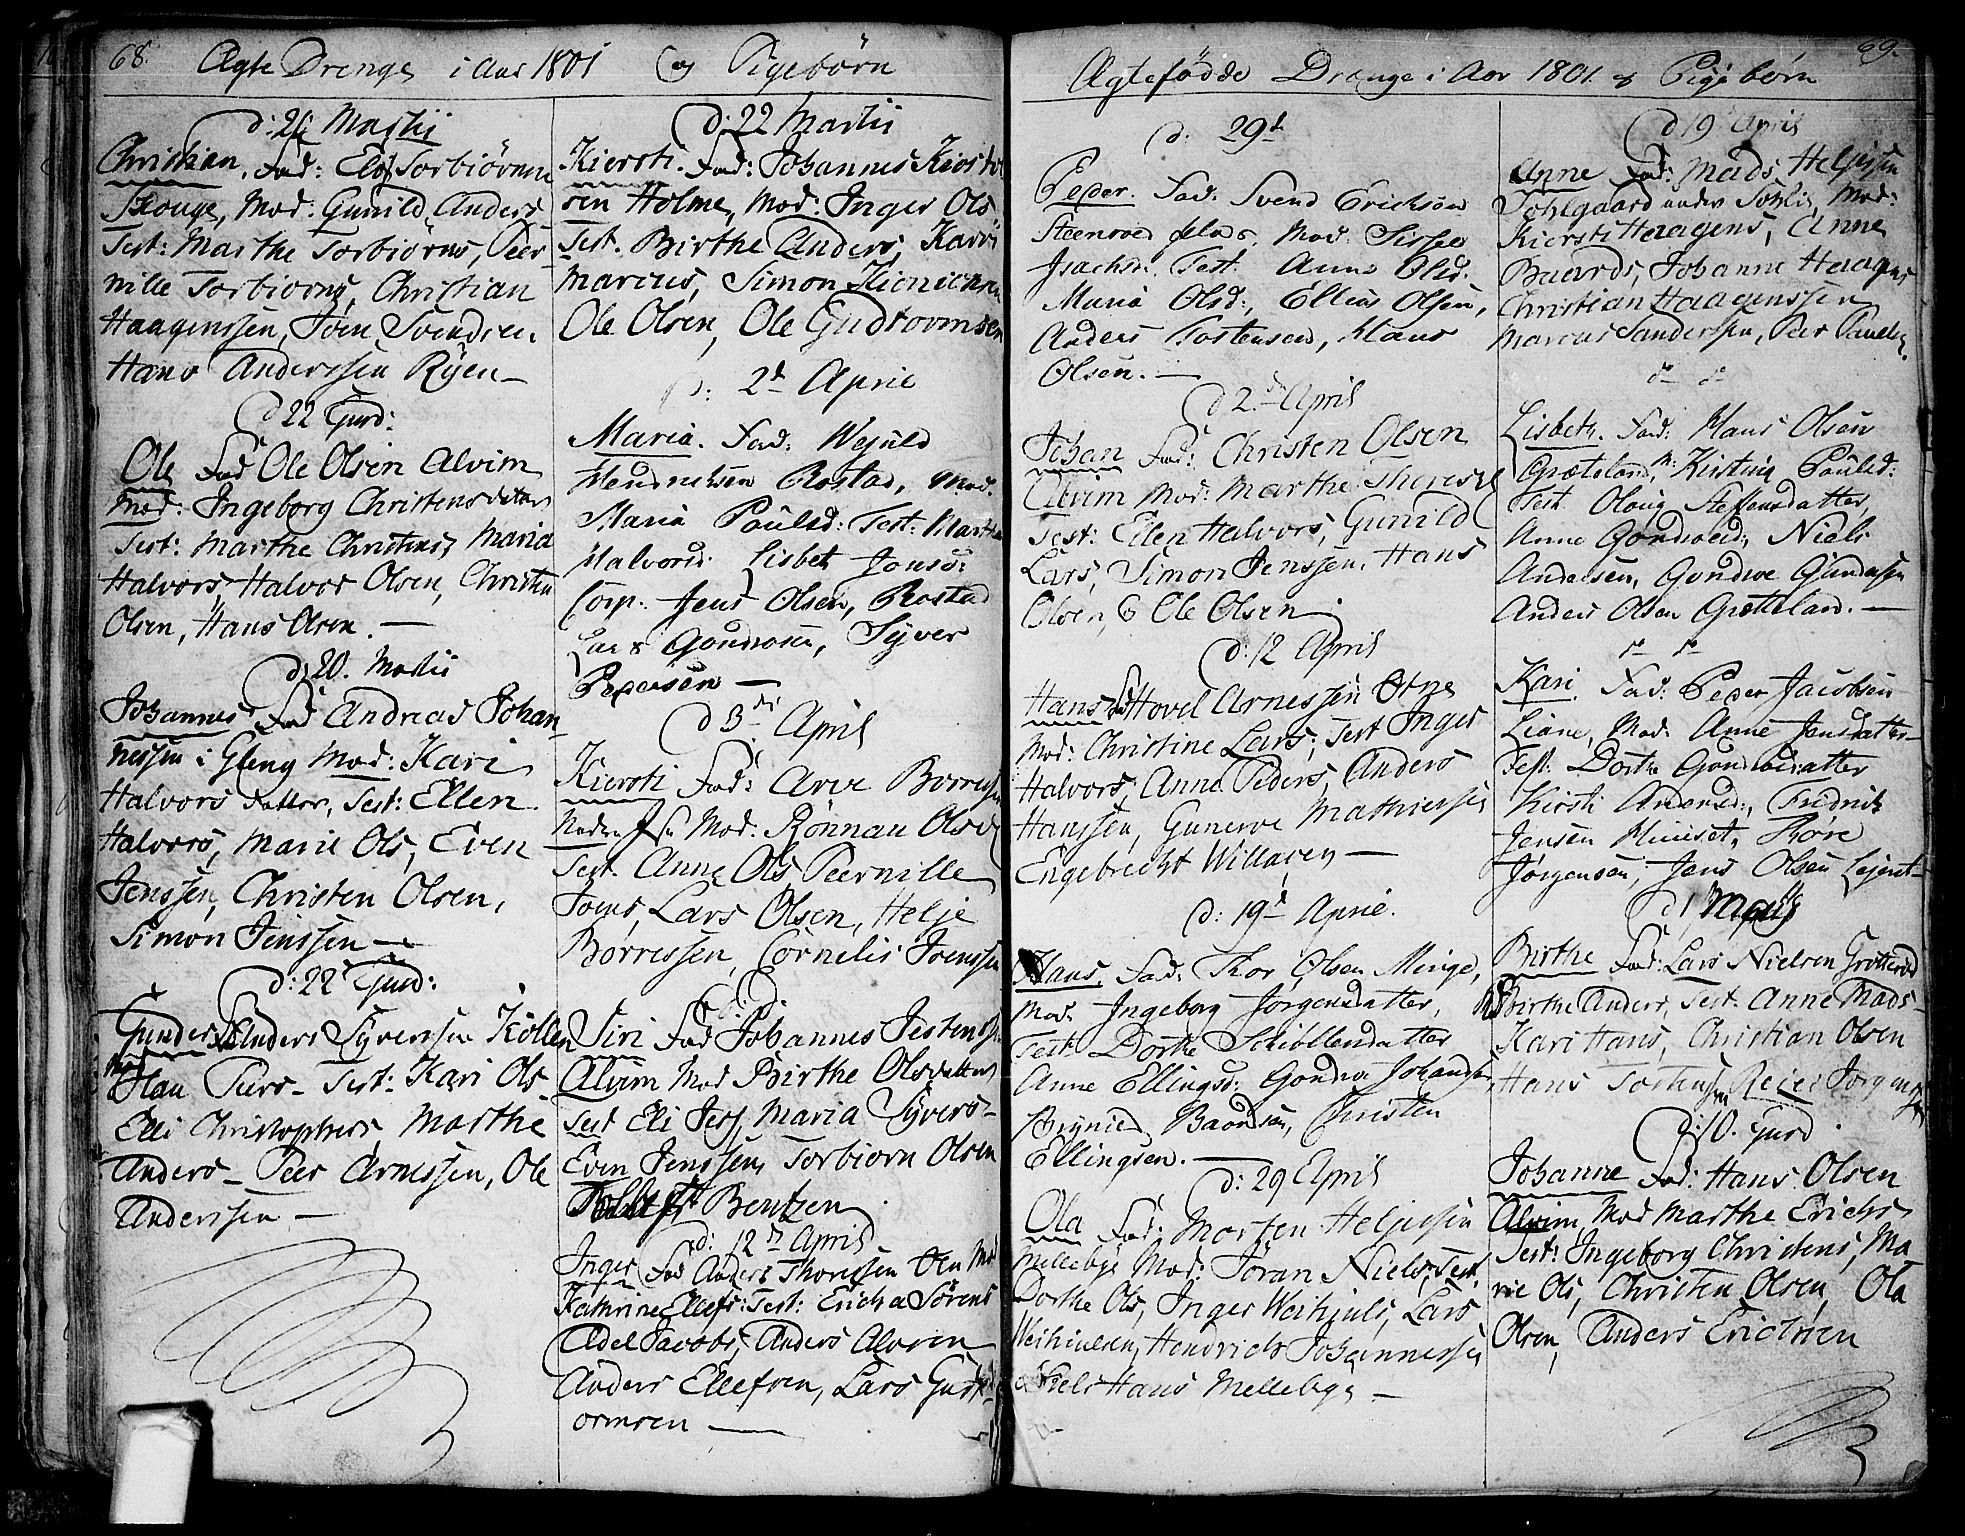 SAO, Tune prestekontor Kirkebøker, F/Fa/L0004: Ministerialbok nr. 4, 1797-1815, s. 68-69